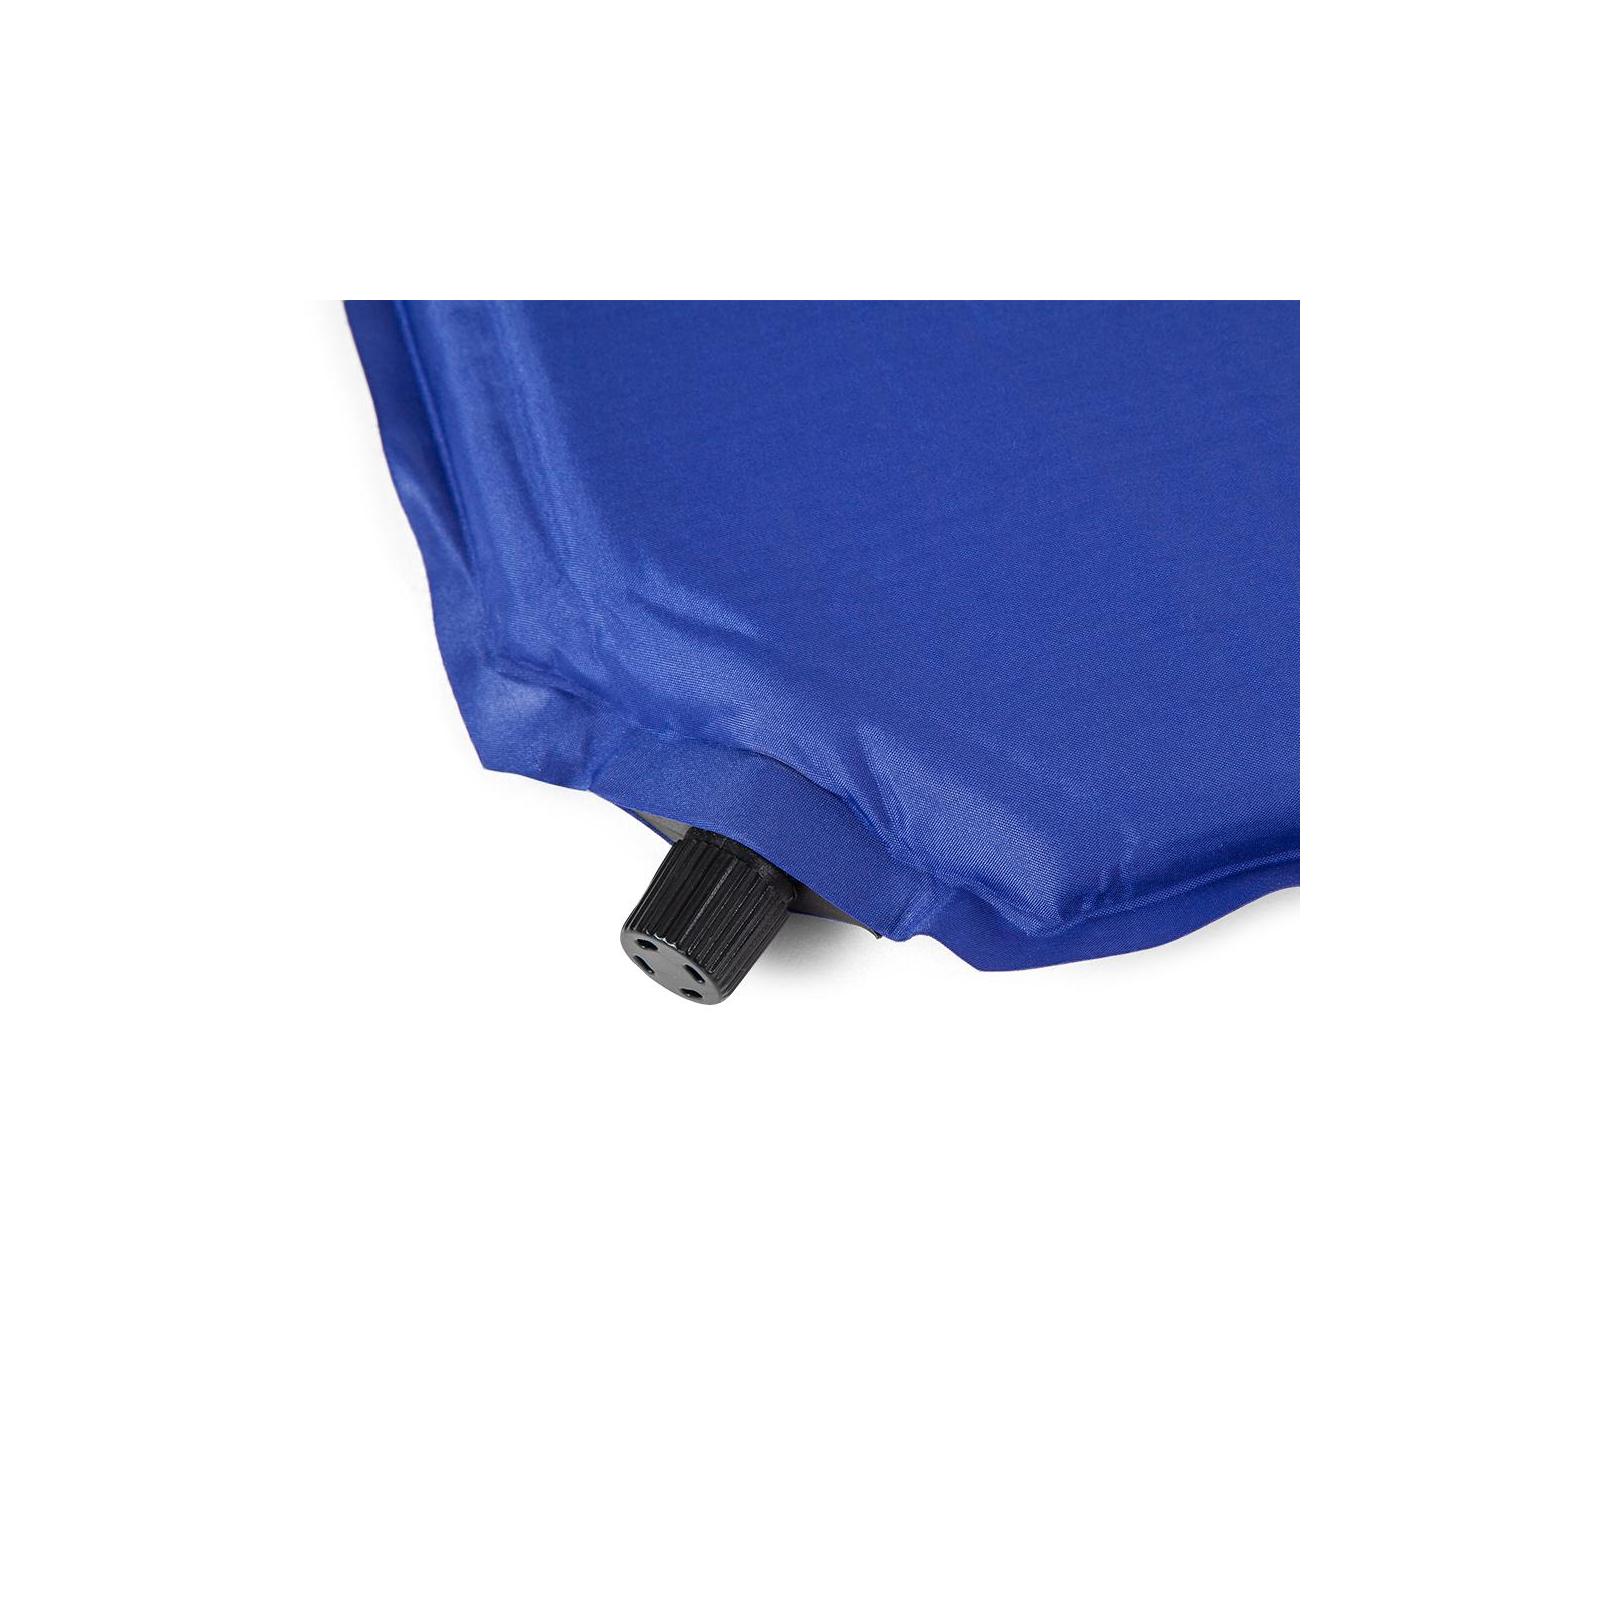 Туристический коврик Кемпінг LGM-2.5 (4823082714285) изображение 3